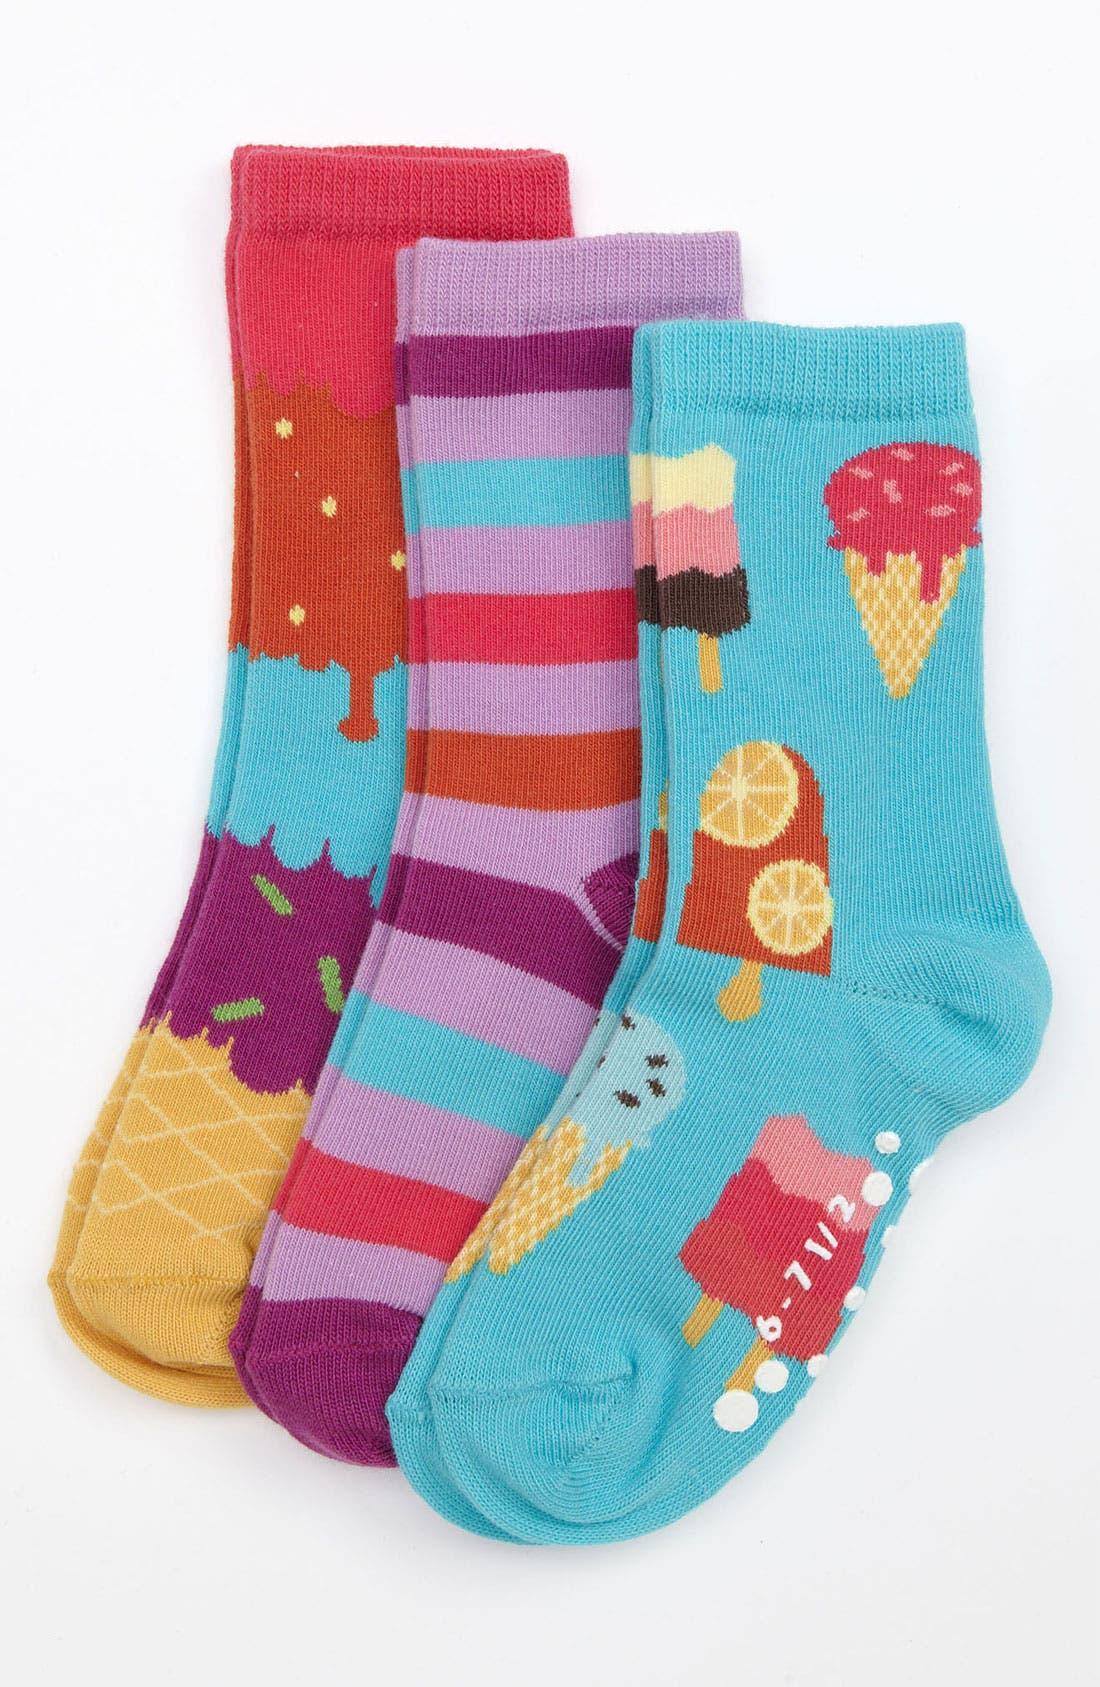 Alternate Image 1 Selected - Nordstrom 'Ice Cream Social' Socks (3-Pack) (Toddler & Little Girls)